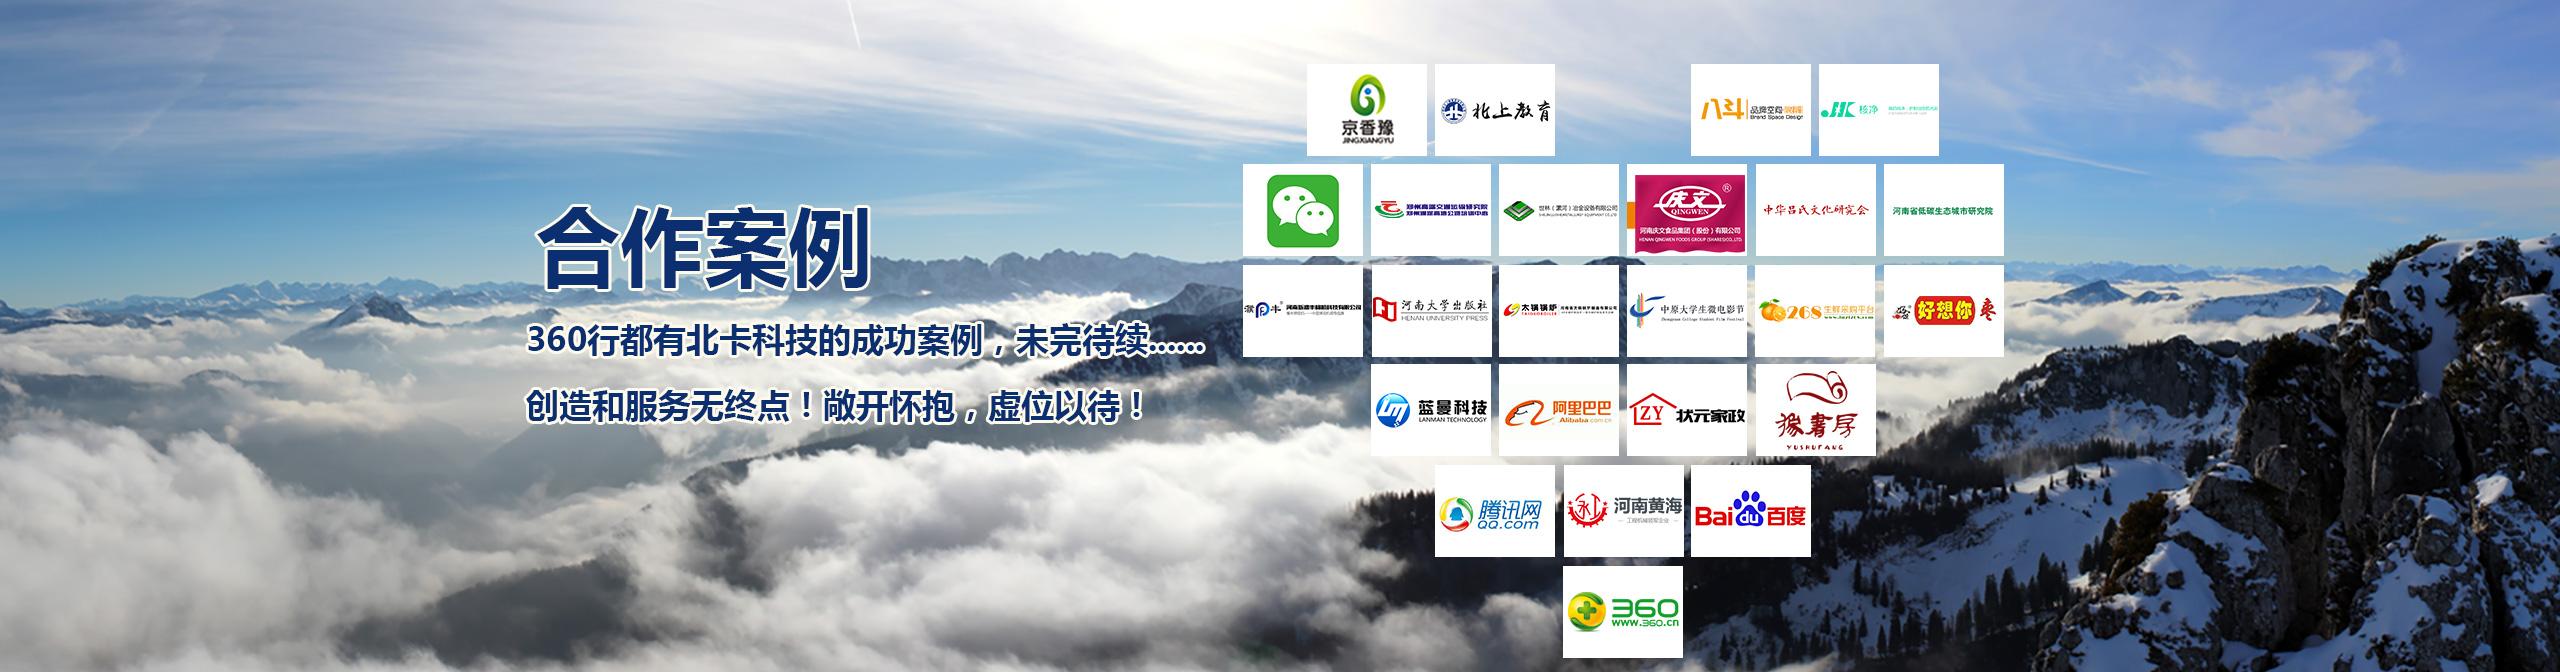 郑州营销网站